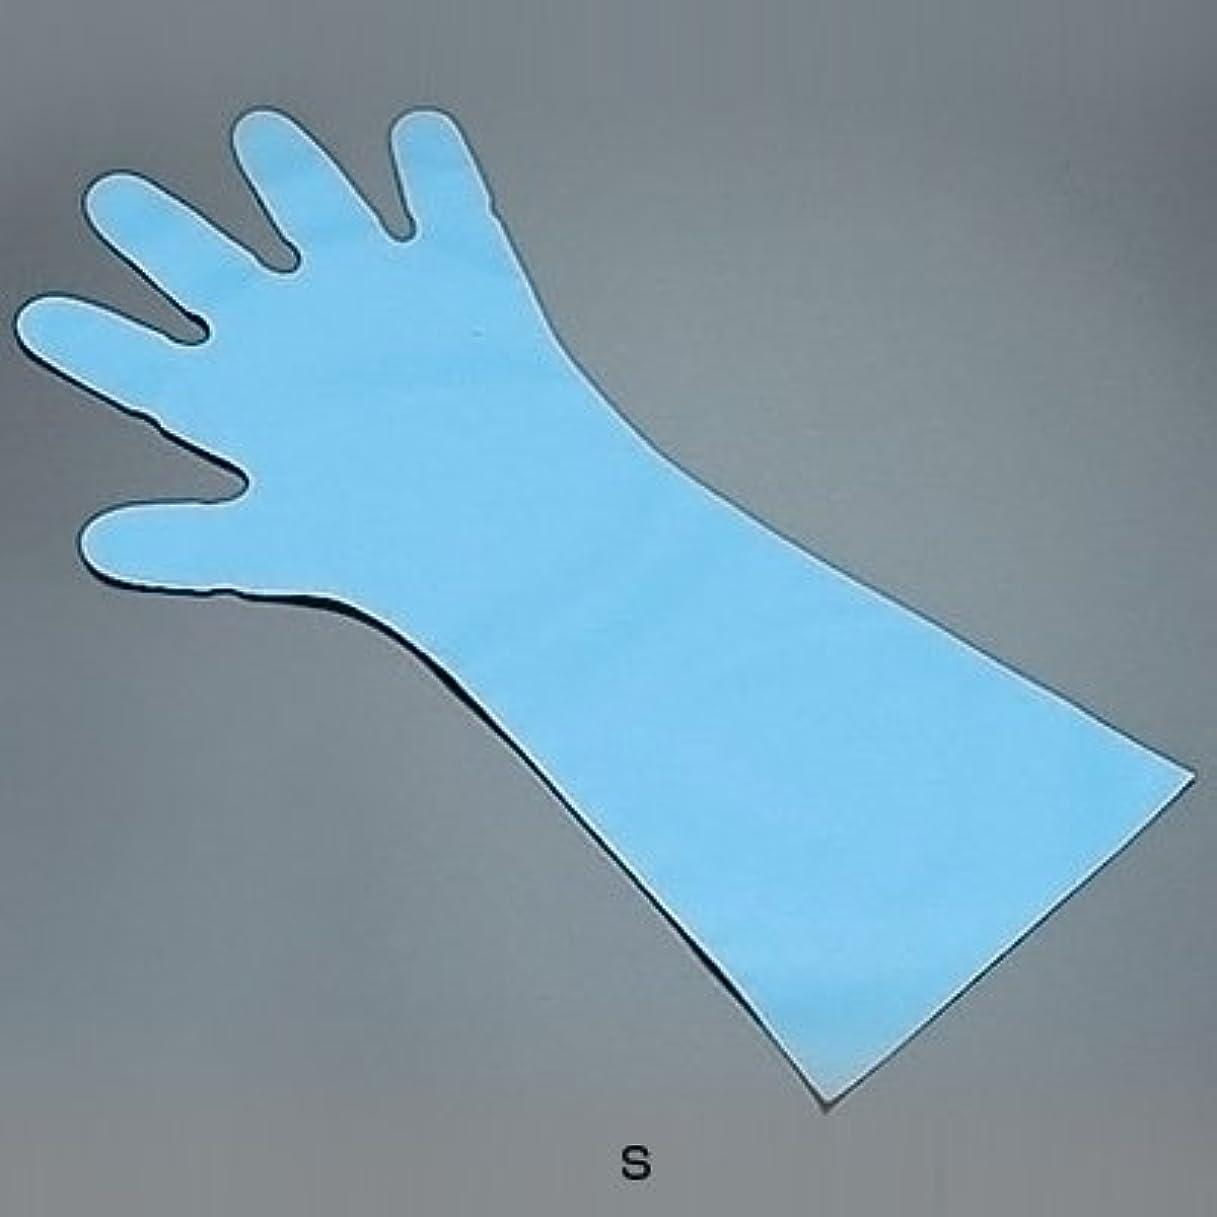 達成急性トークエンボス手袋 五本絞り ロング#50 (1袋50枚入) S 全長45cm <ブルー>